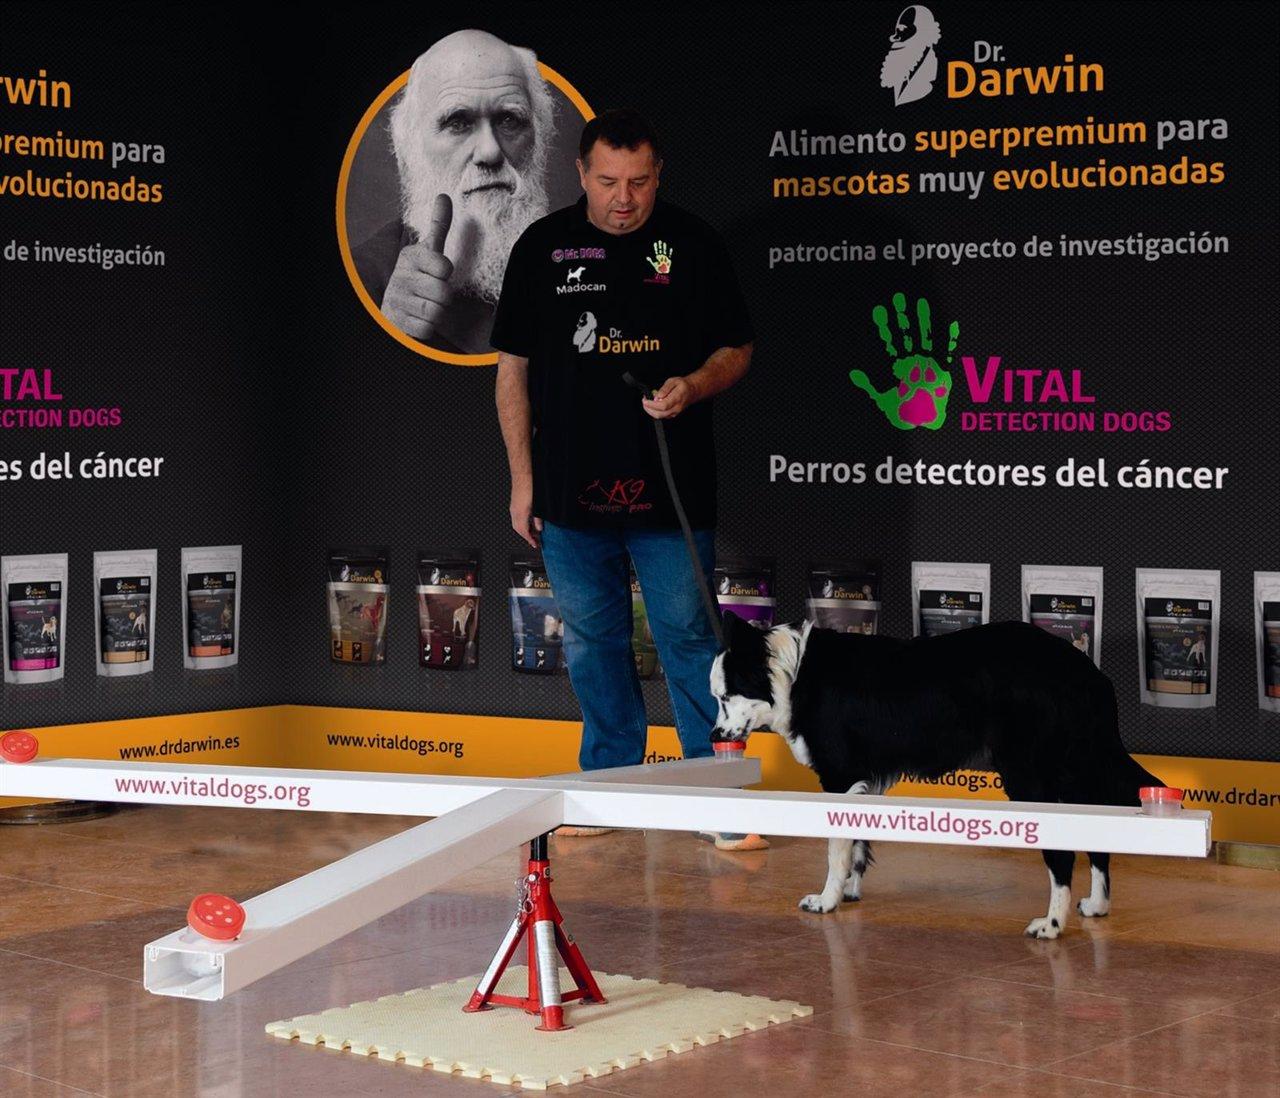 Perro realizando prueba de deteccion de cáncer de próstata Dr. Darwin